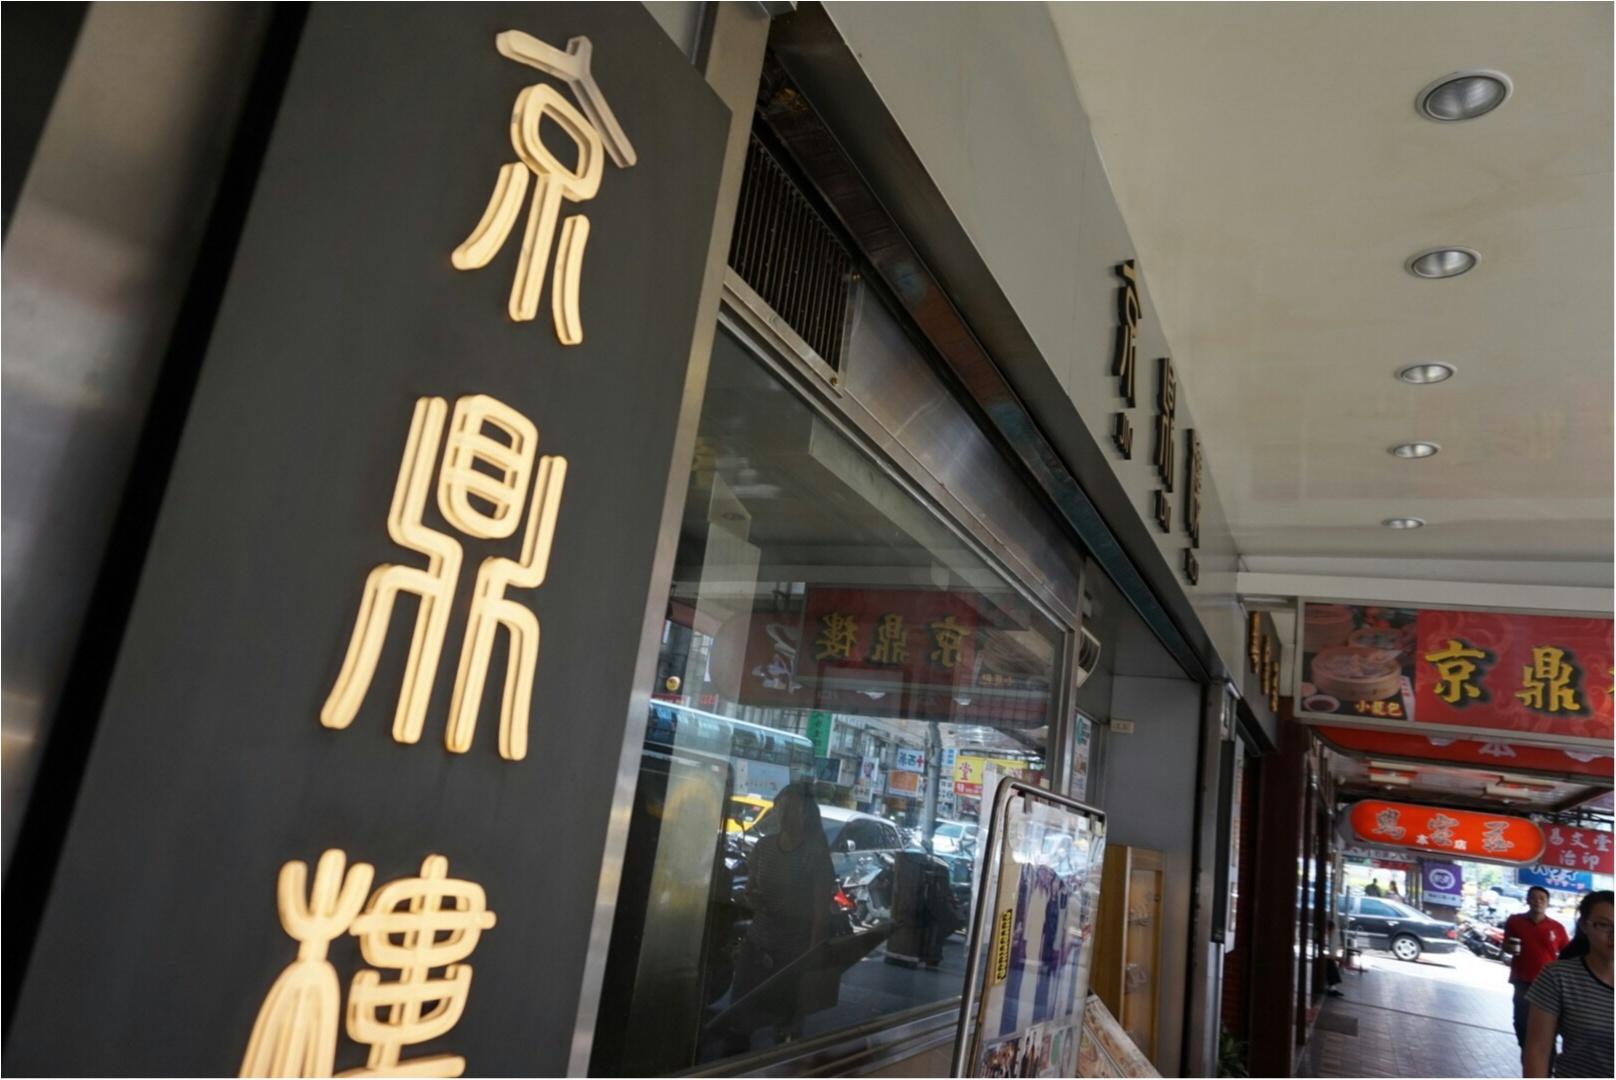 台湾のおしゃれなカフェ&食べ物特集 - 人気のタピオカや小籠包も! 台湾女子旅におすすめのグルメ情報まとめ_61